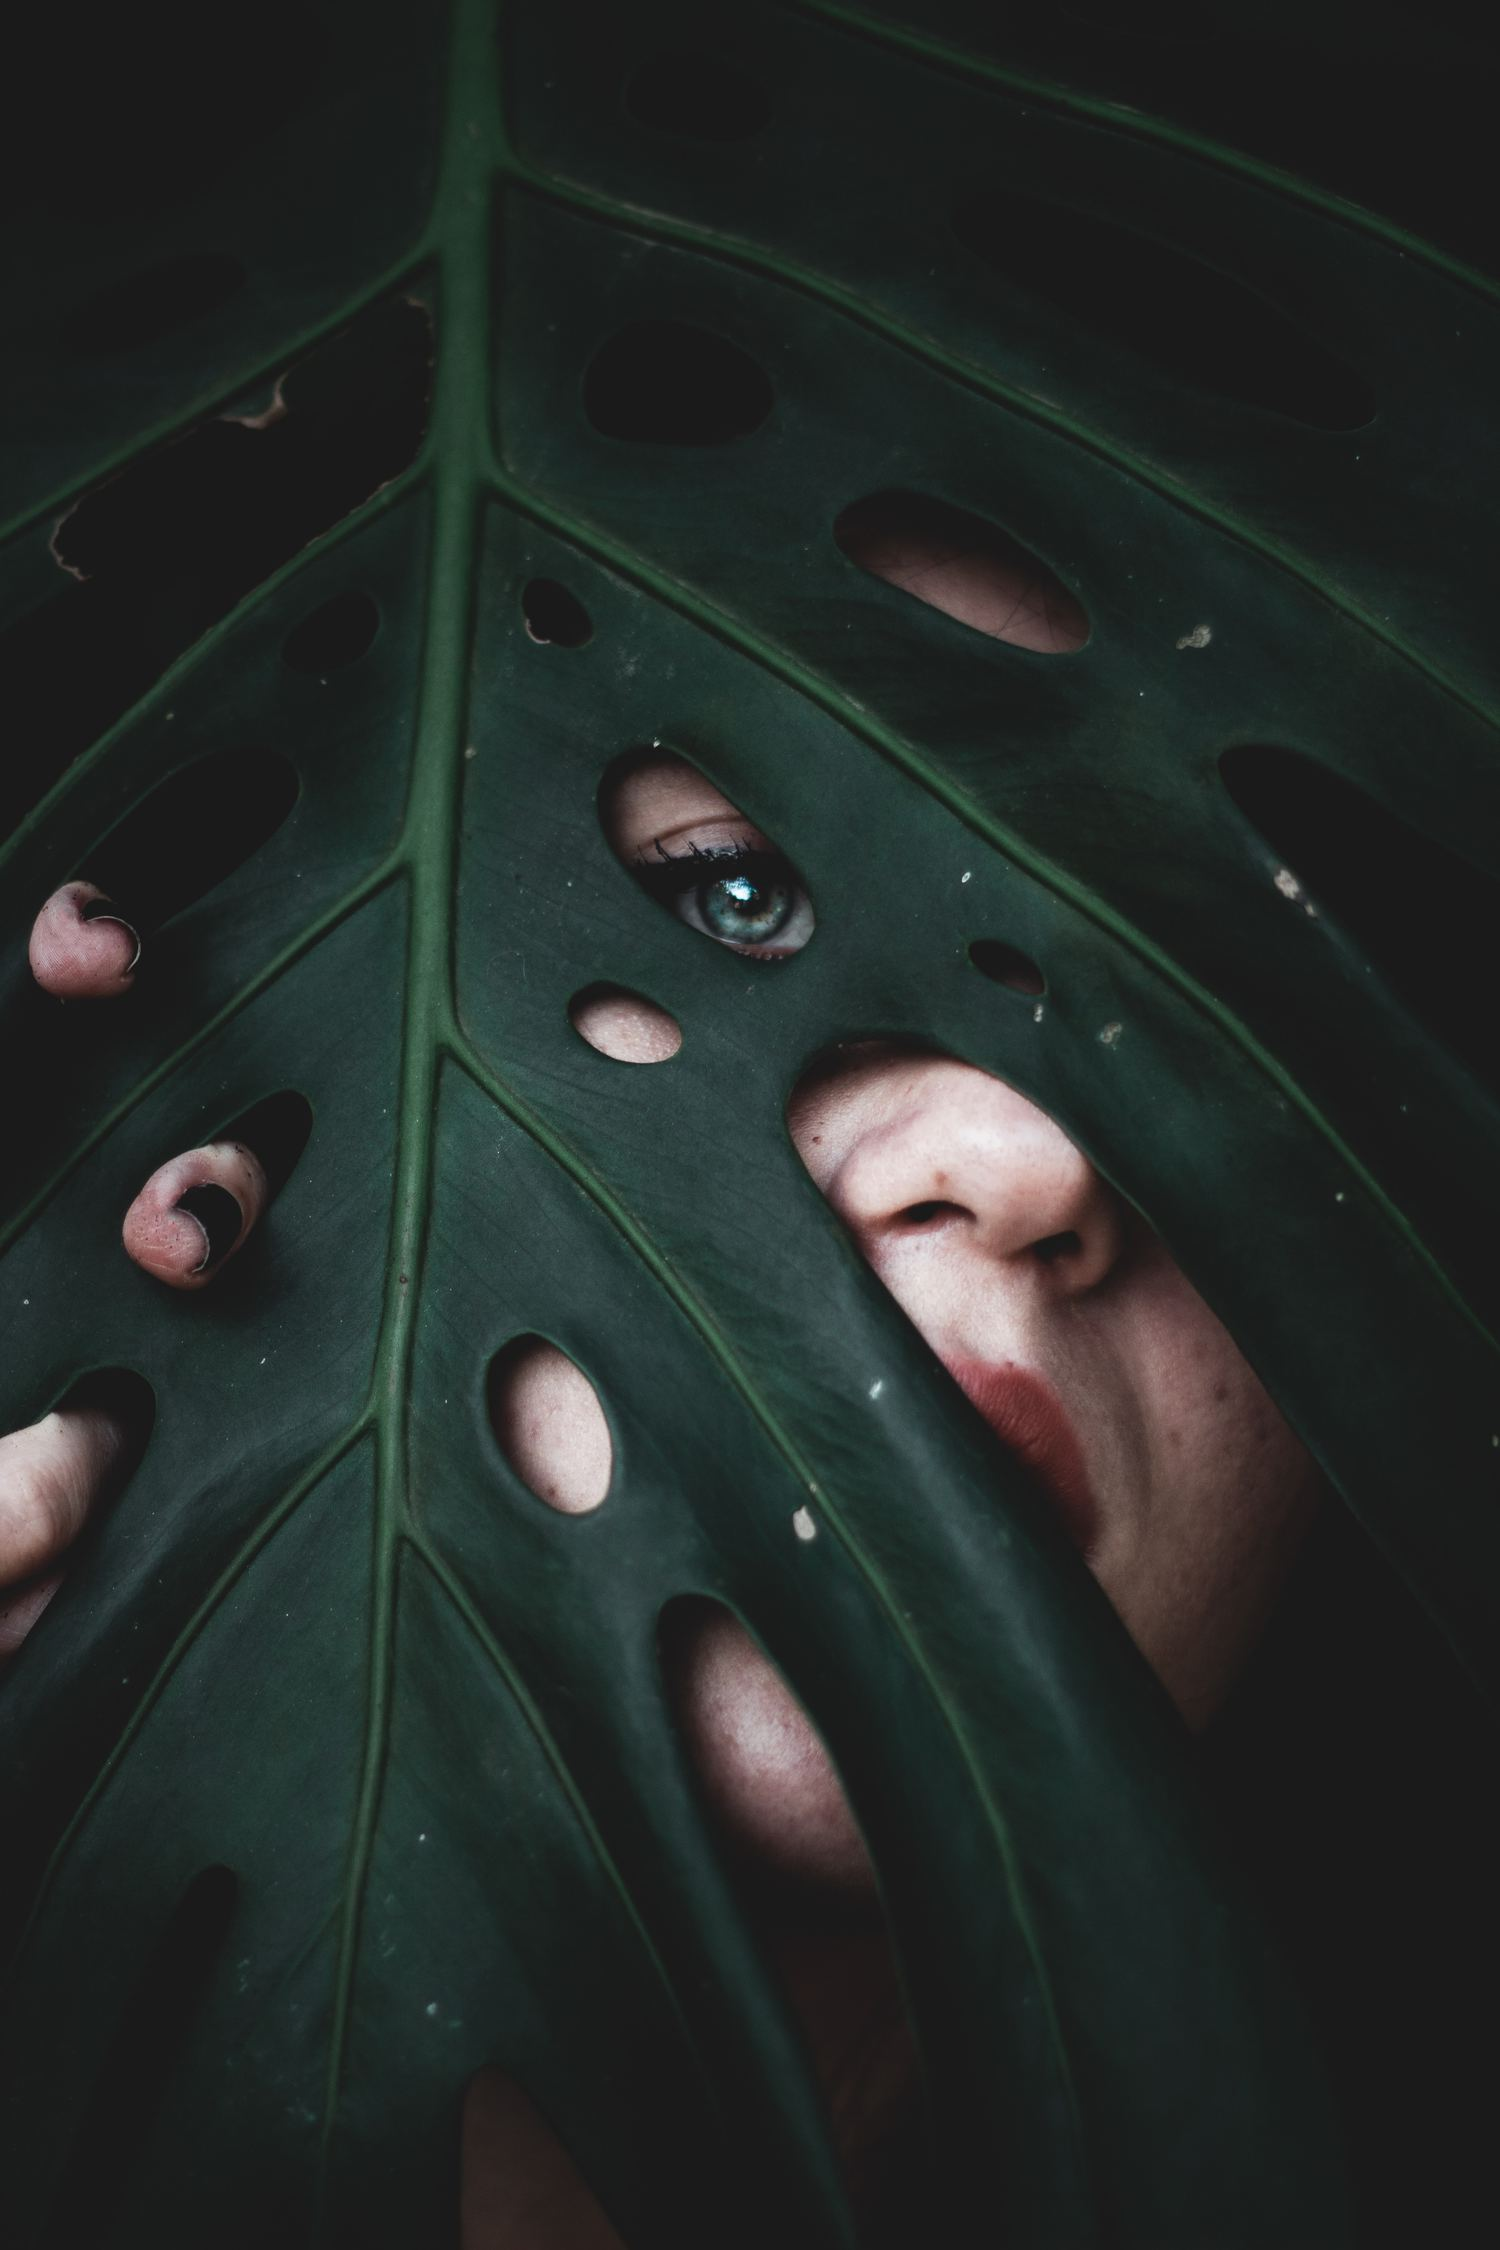 fotografía creativa de un ojo entre una planta